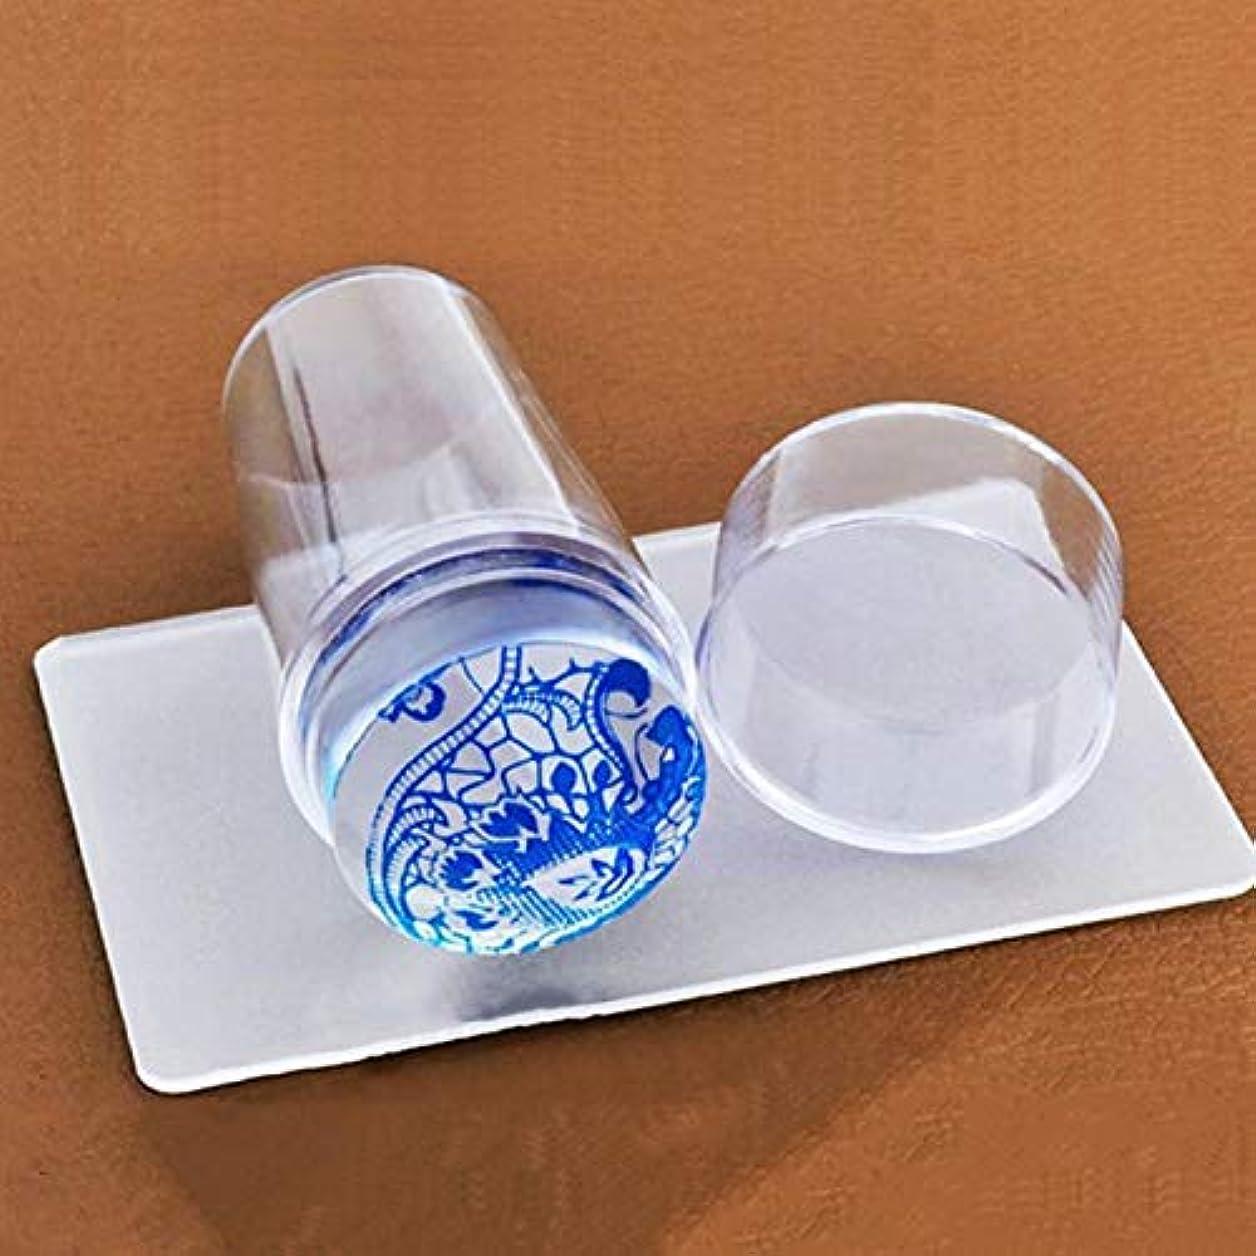 金額ハイライト韓国語OU-Kunmlef 甘い透明なゼリーシリコーンネイルアートスタンパースクレーパーキャップ透明2.8 cm(None color)